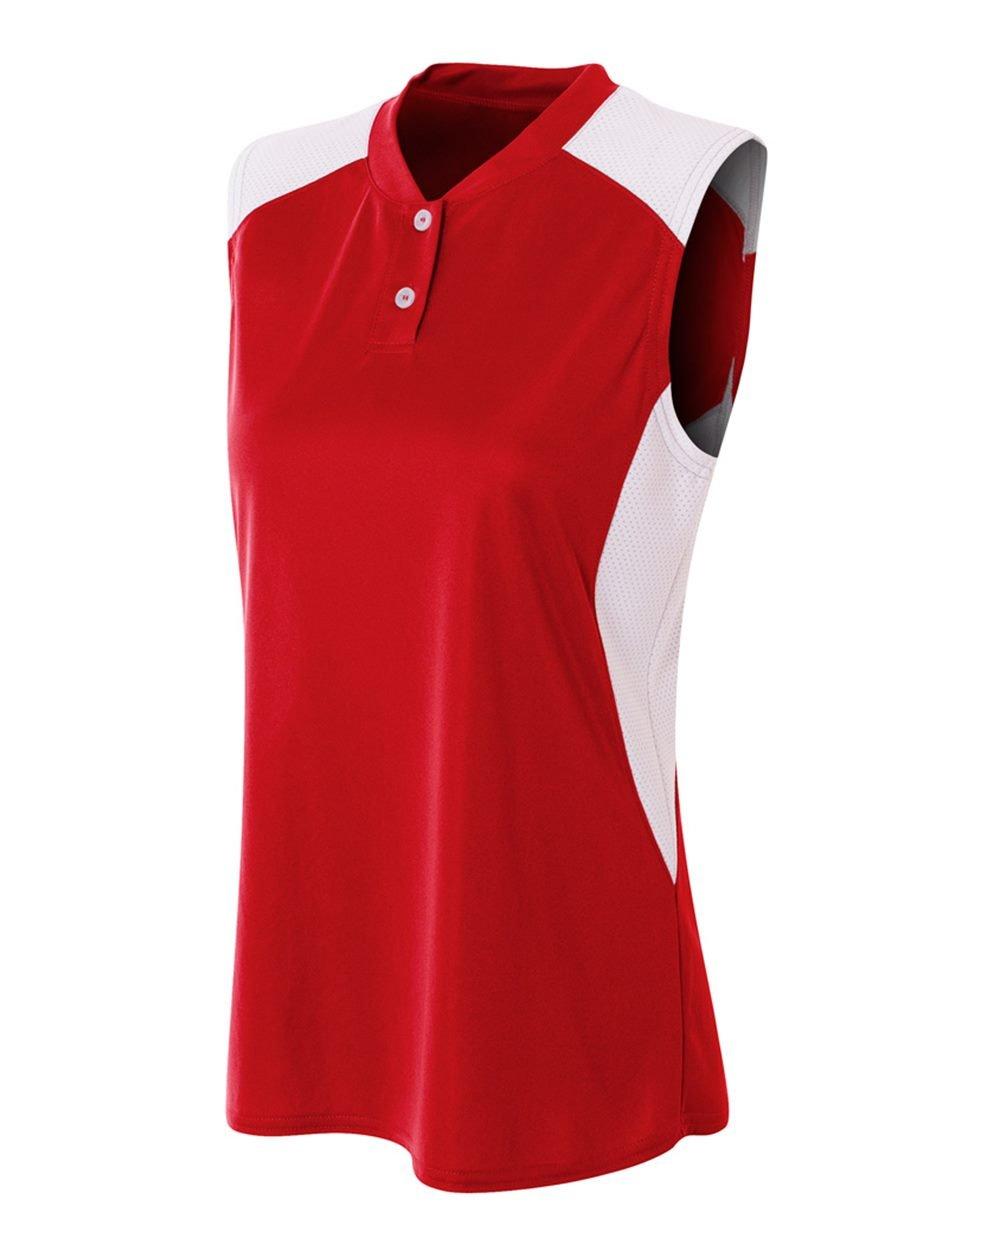 レディースノースリーブ2ボタンMoisture Wicking 2色アスレチックシャツ/ Uniform Jersey Top B01IC9PAUK Women's M レッド/ホワイト レッド/ホワイト Women's M